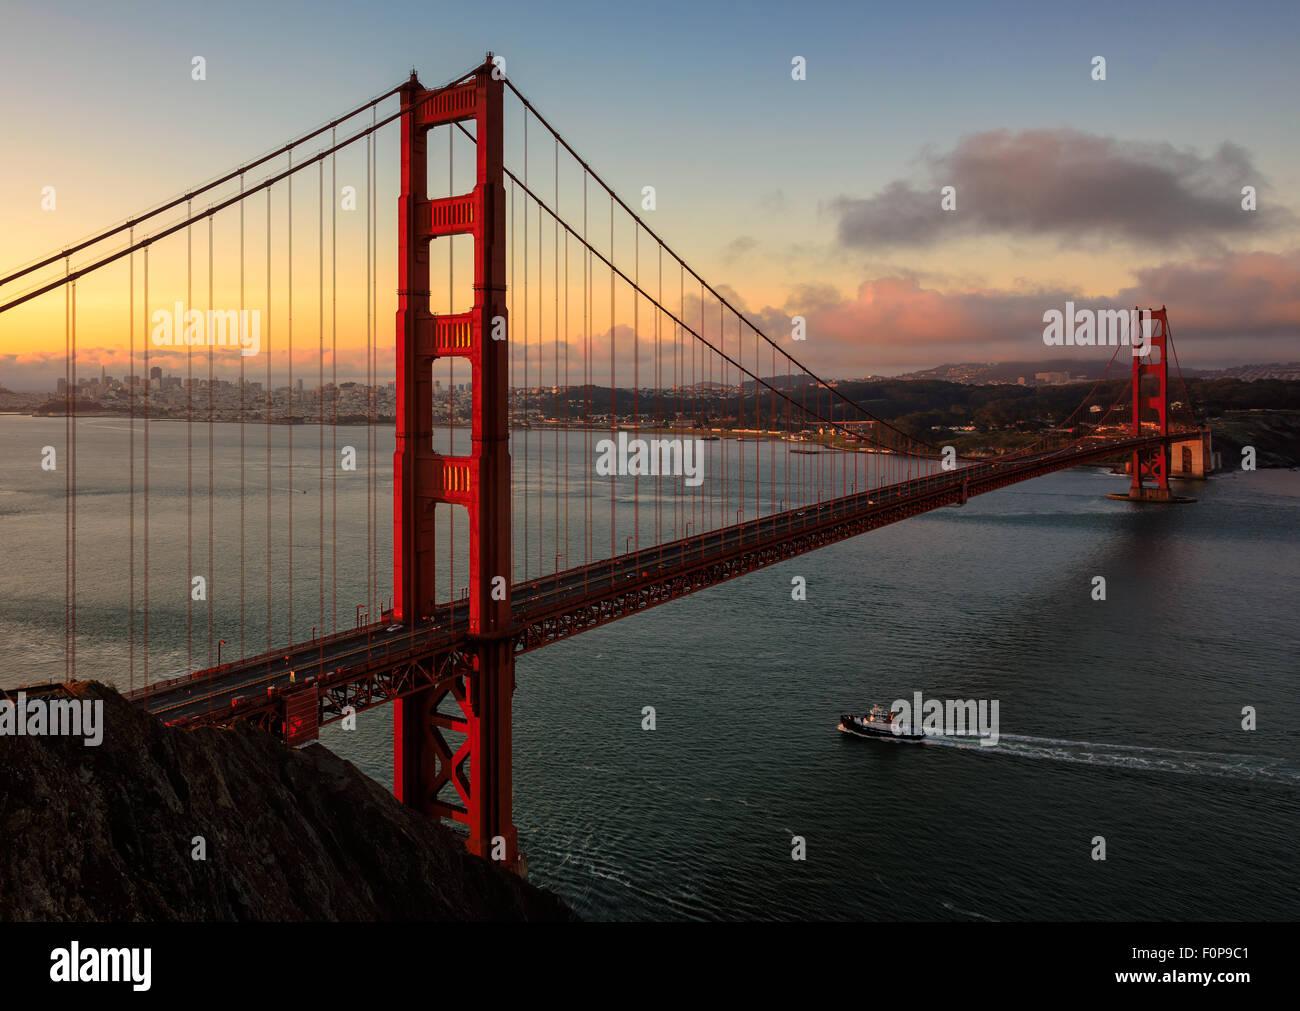 Puente Golden Gate temprano por la mañana al amanecer en San Francisco, California Imagen De Stock